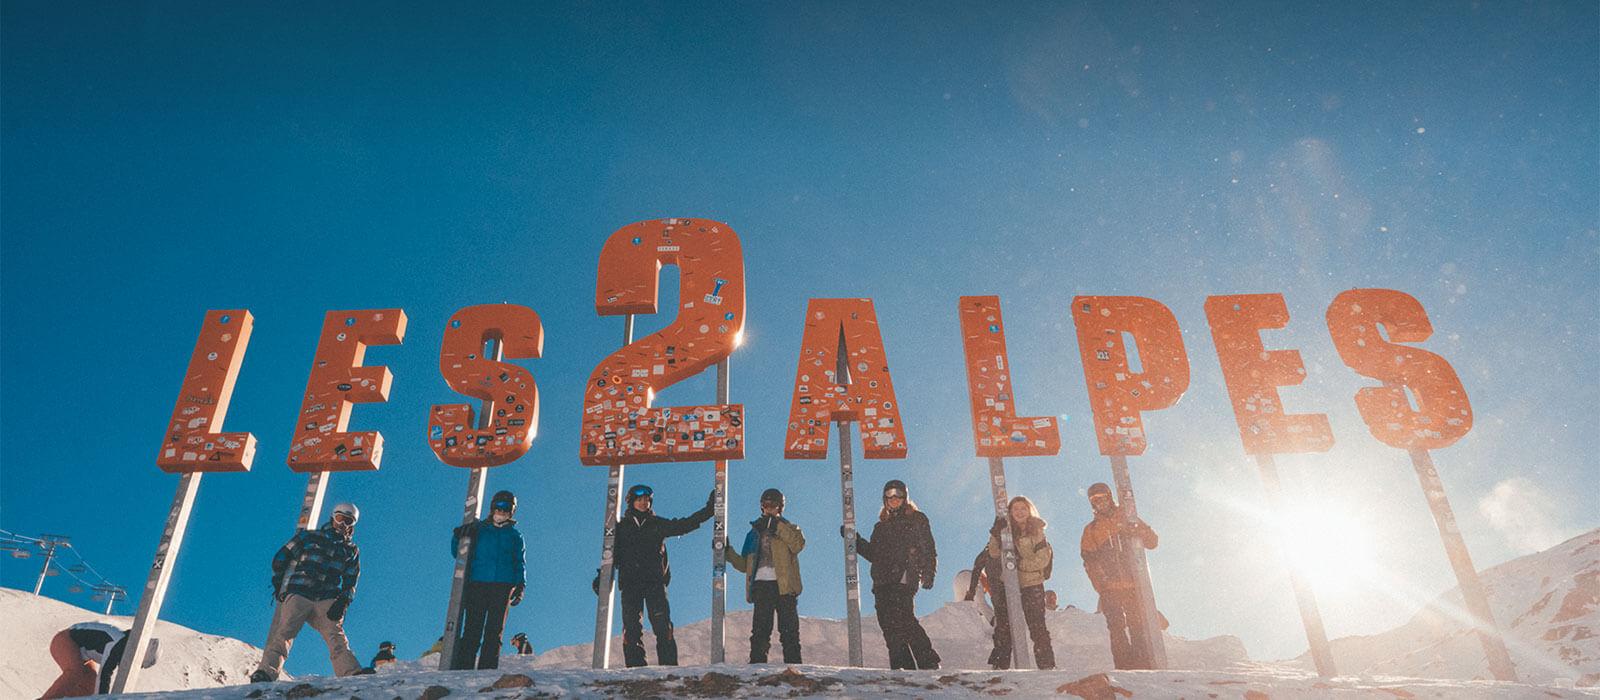 les-deux-alpes-banner